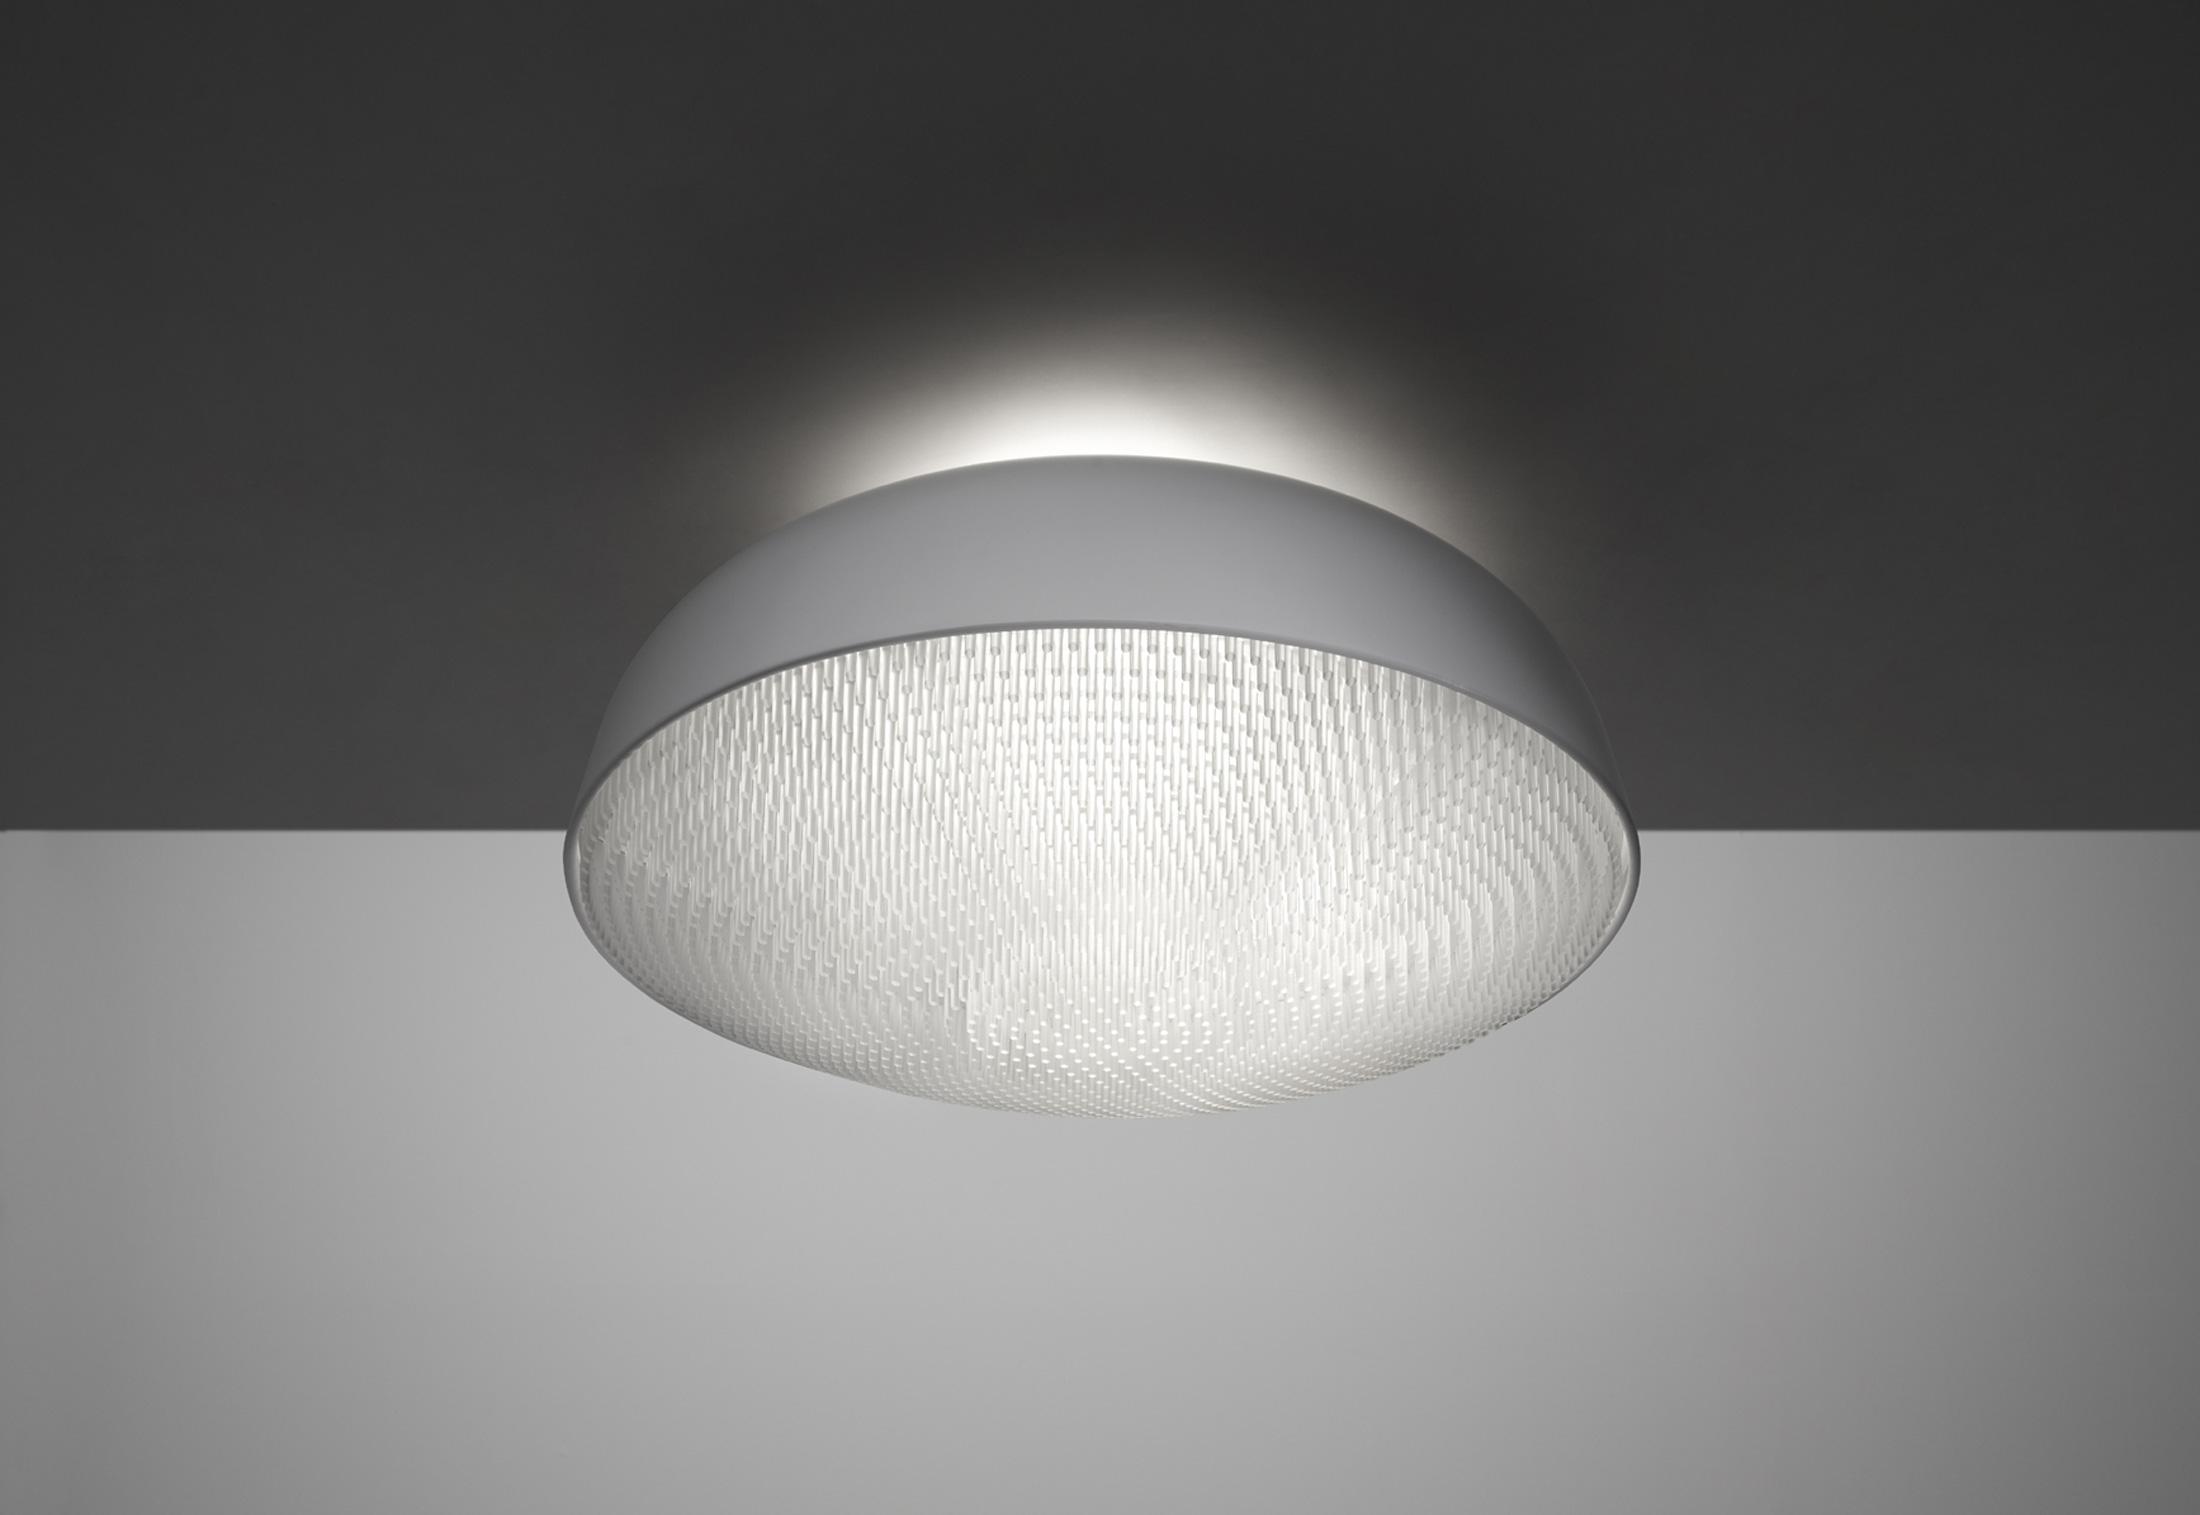 Forum aiuto per illuminazione cucina soggiorno for Artemide lampade roma